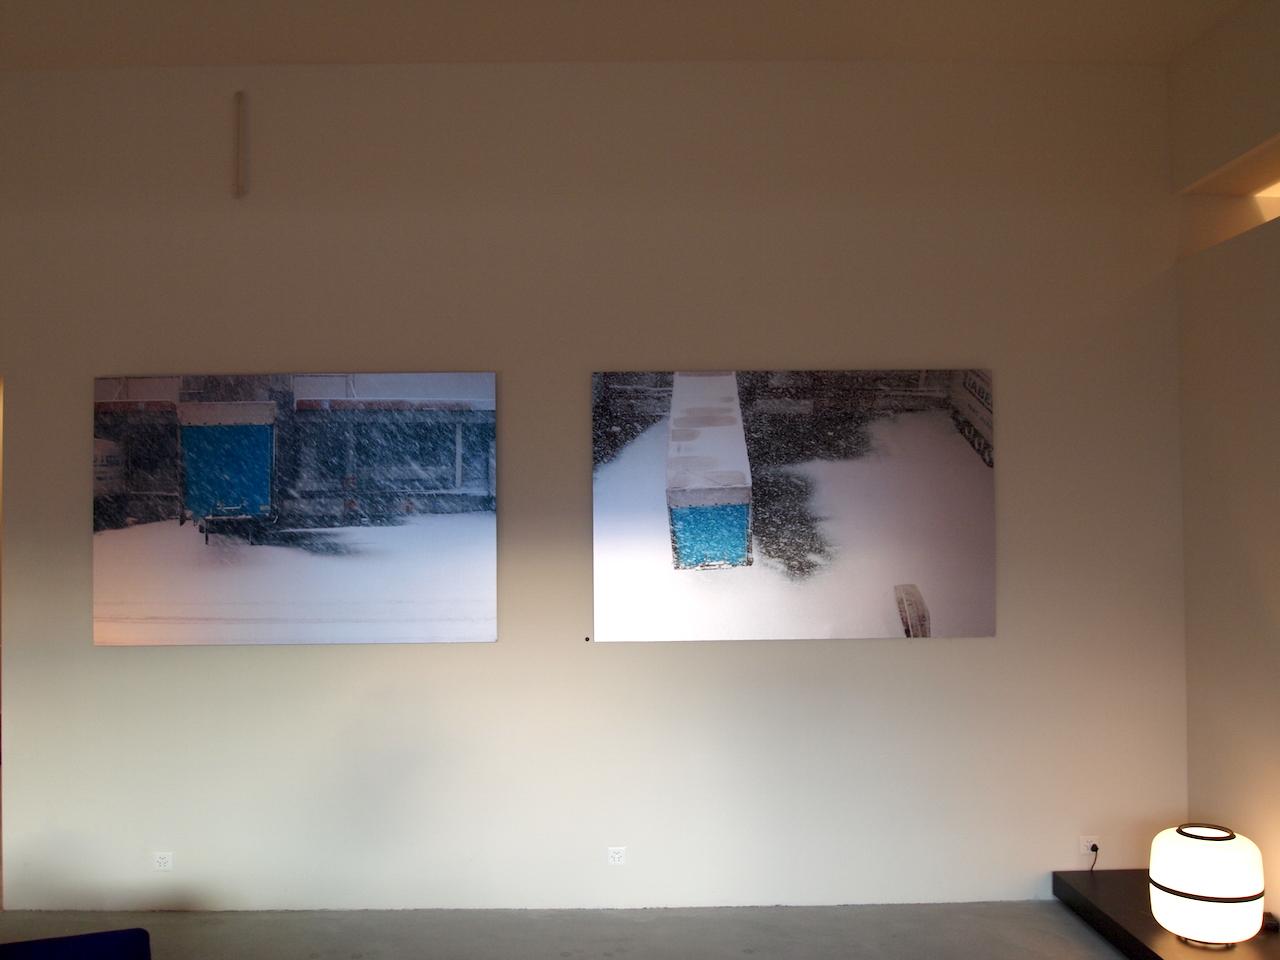 15--2009:10-Tout simple sans accoudoir-Pascale Lafay,objets photographiques-2009:10--Montreux-Switzerland.JPG